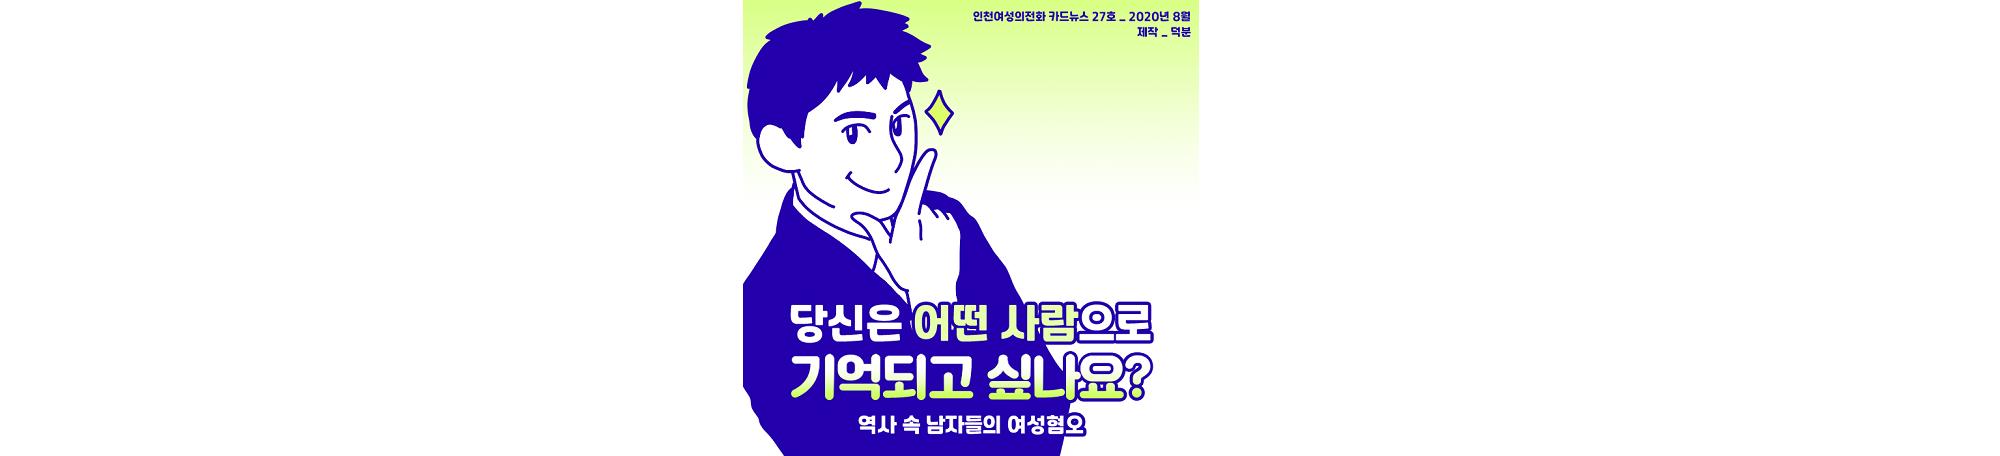 카드뉴스 26호